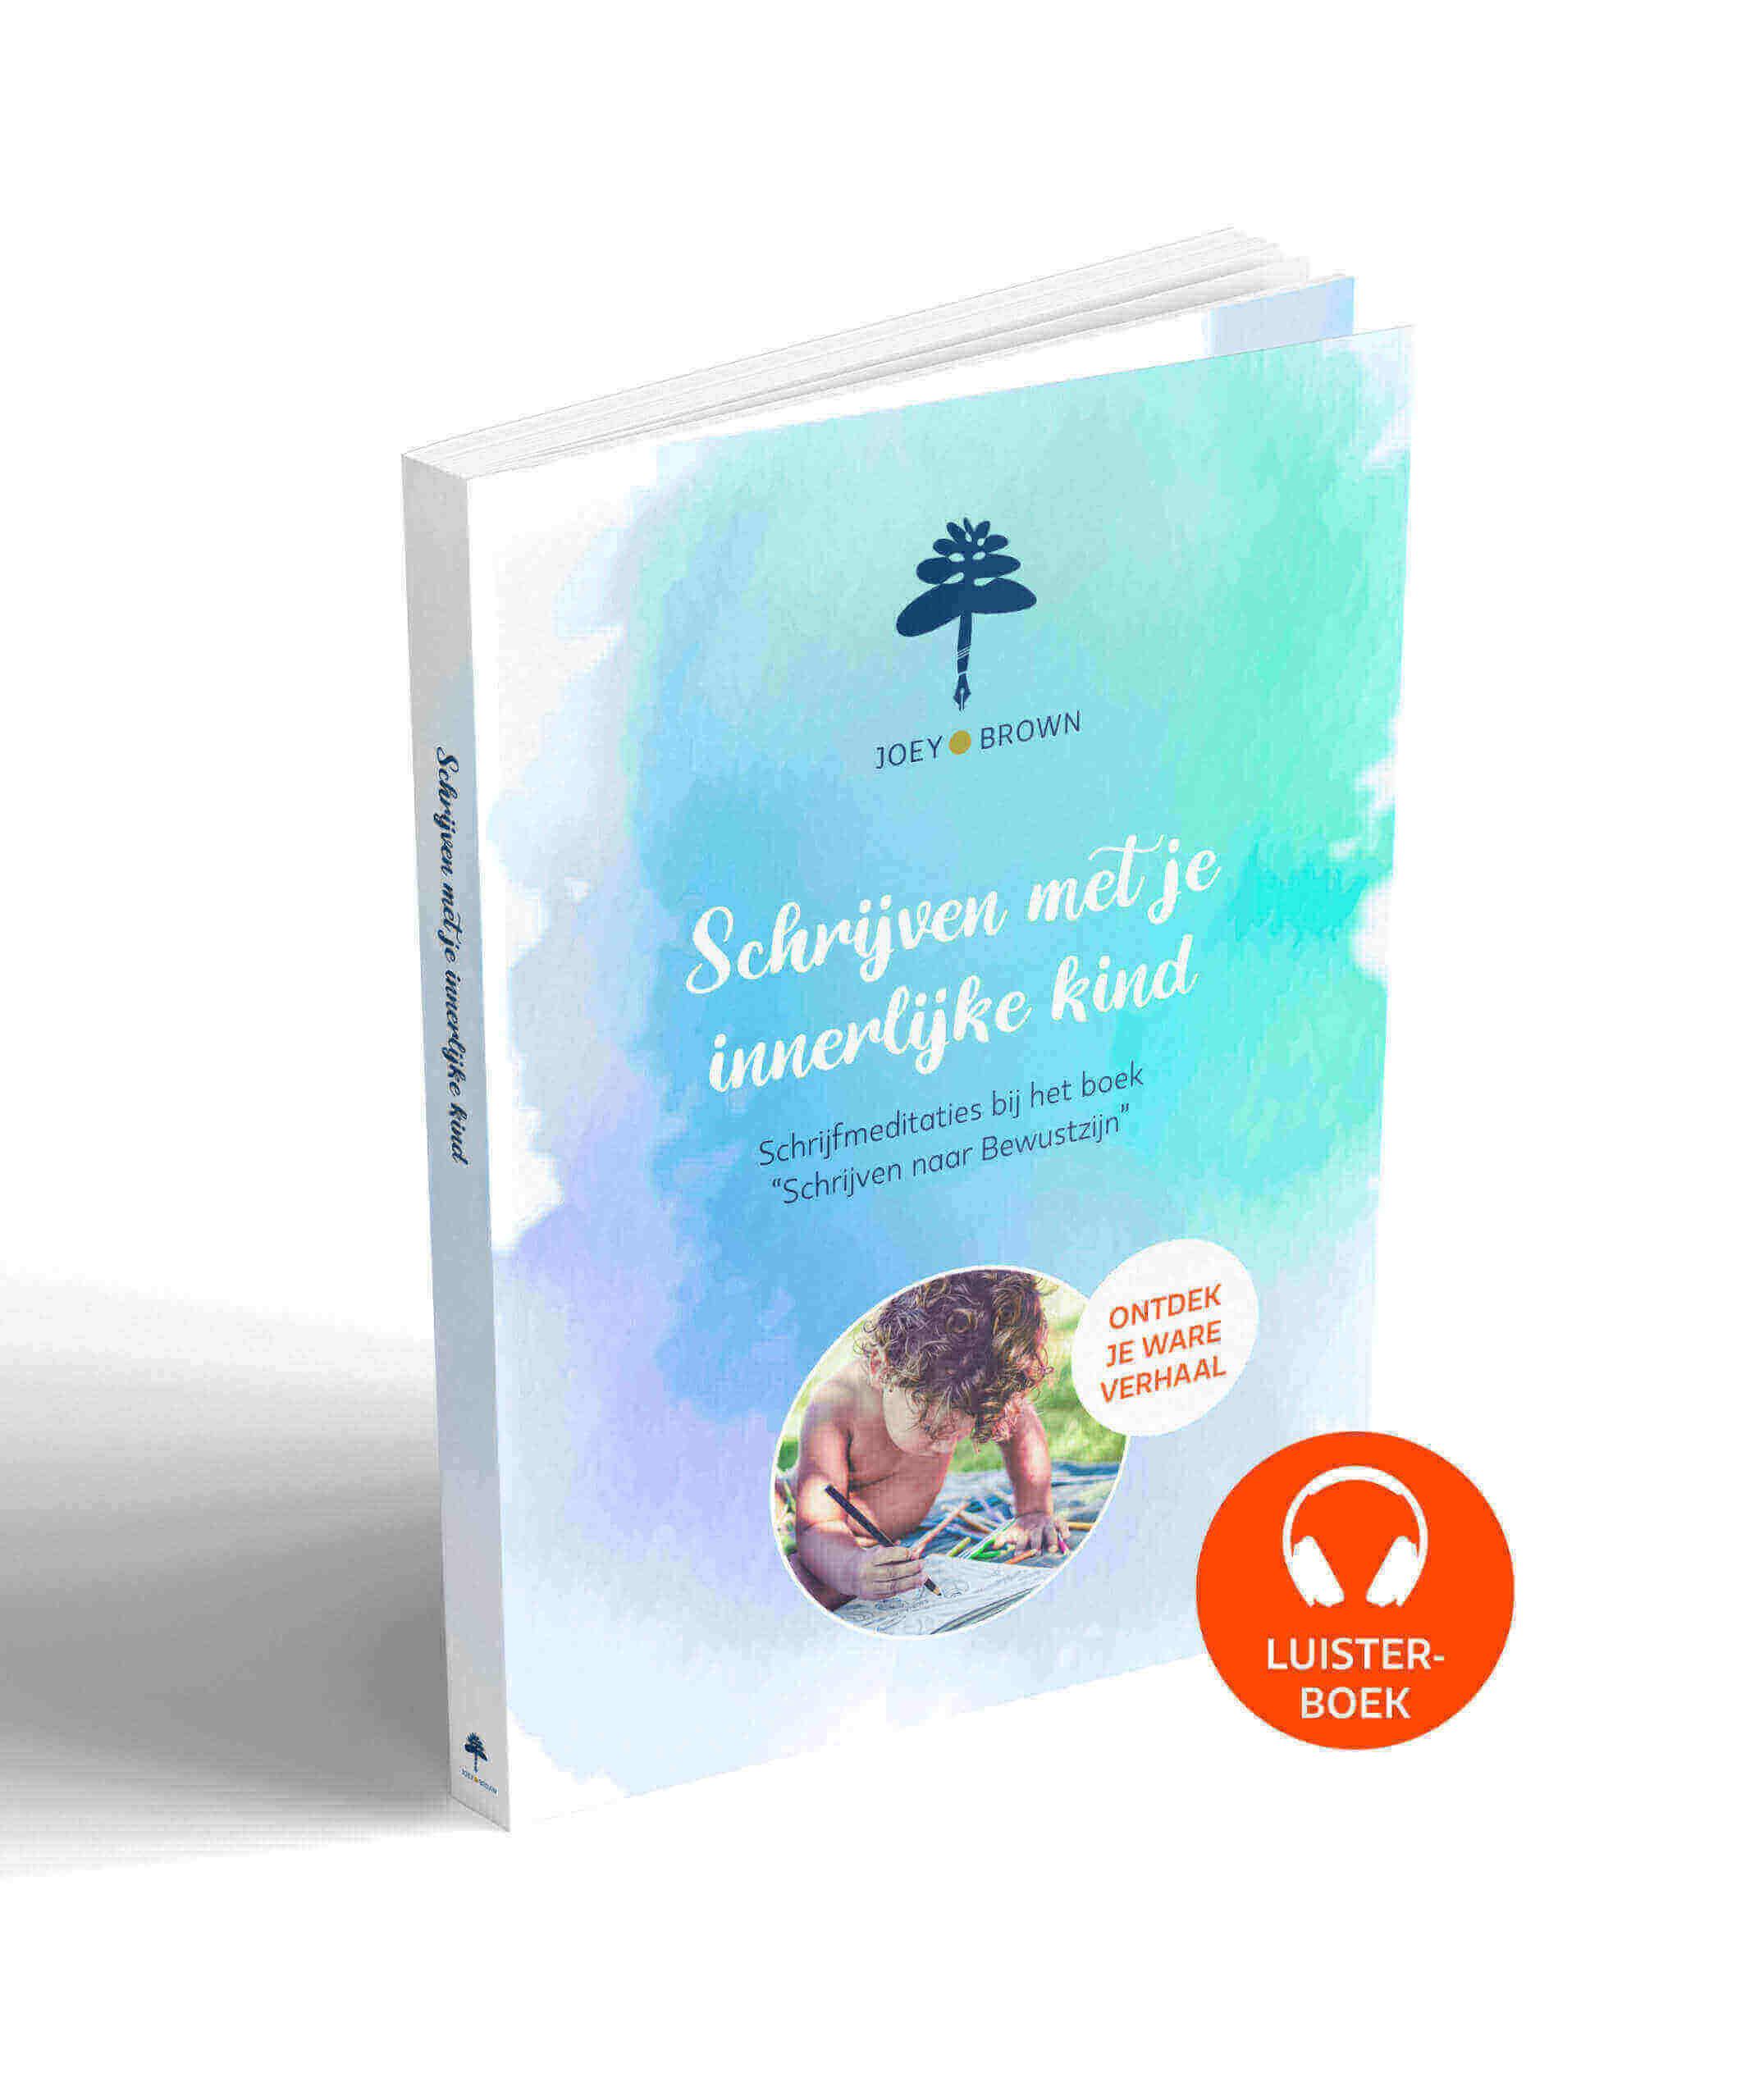 JoeyBrown_ebook_innerlijke-kind-luisterboek-scaled (verkleind)